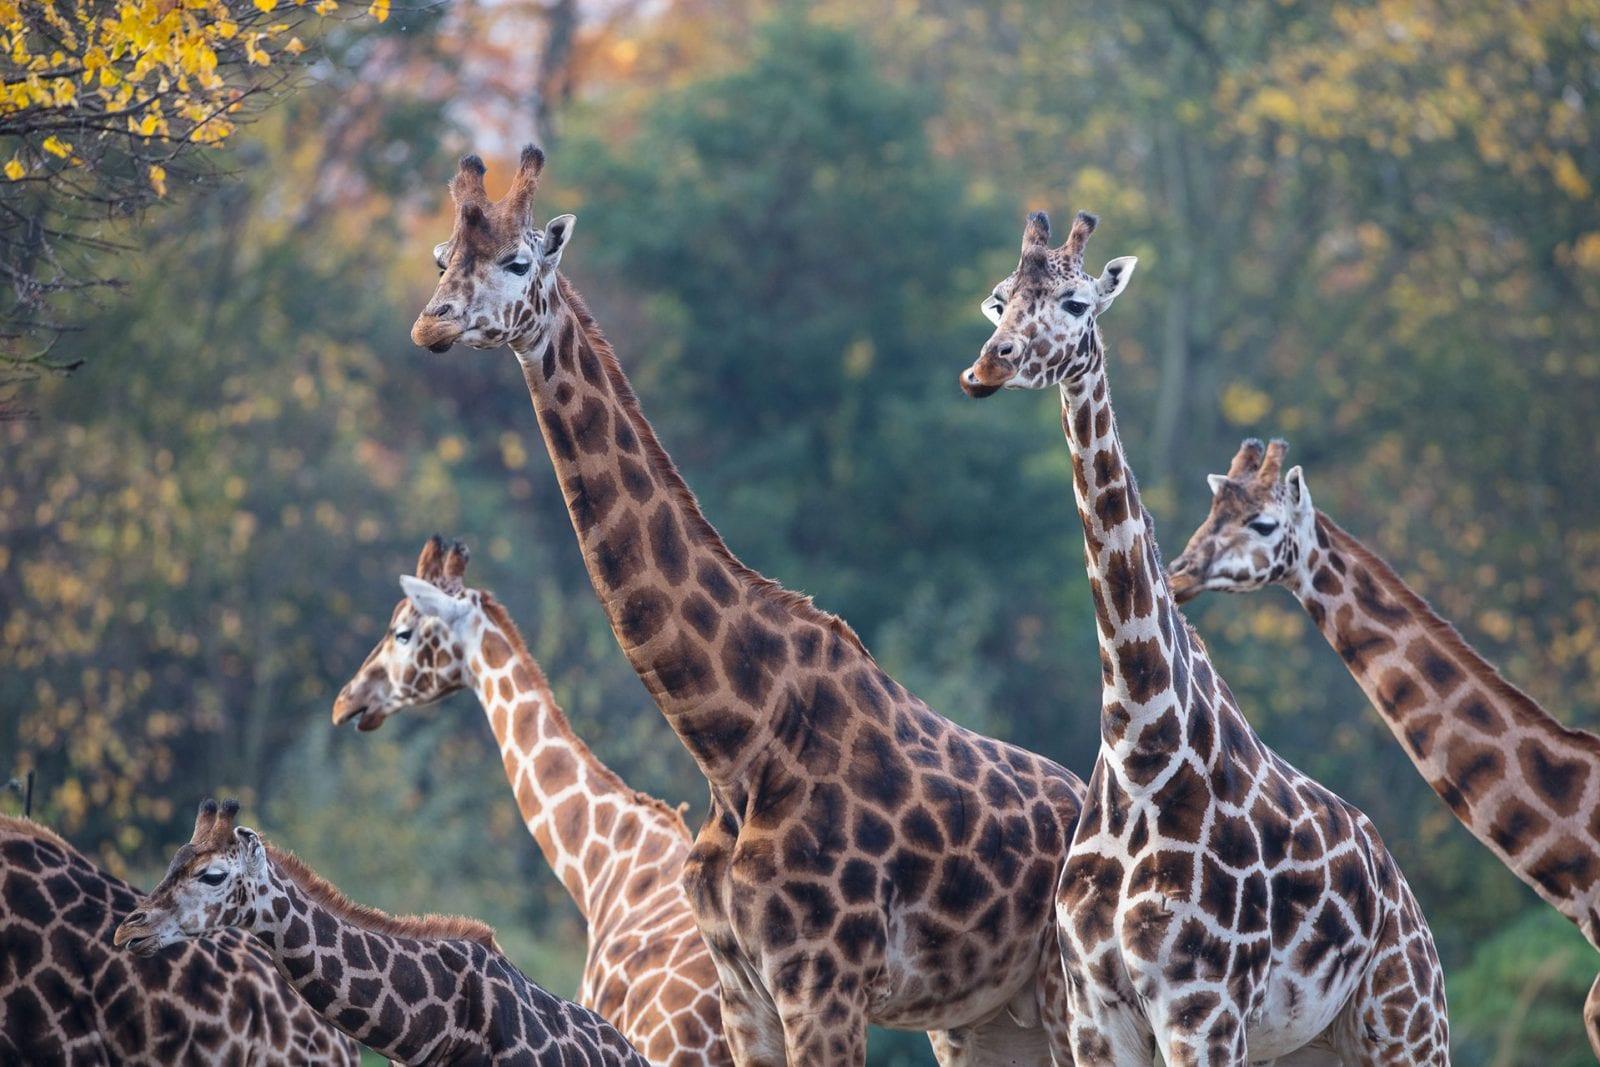 Giraffe Dublin Zoo